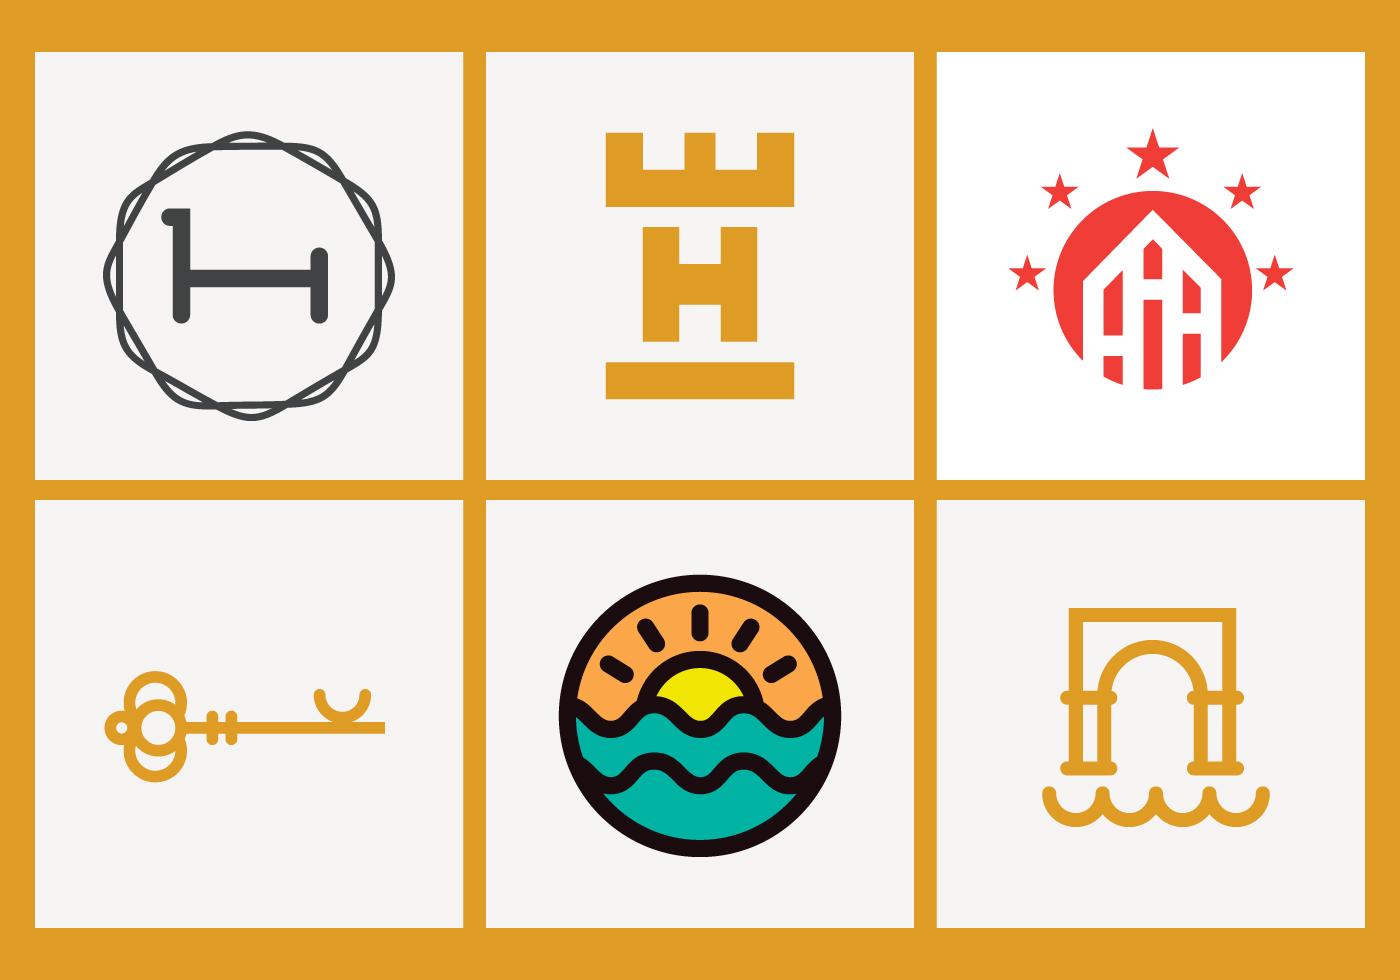 hoteles logo paquete descargue gr225ficos y vectores gratis